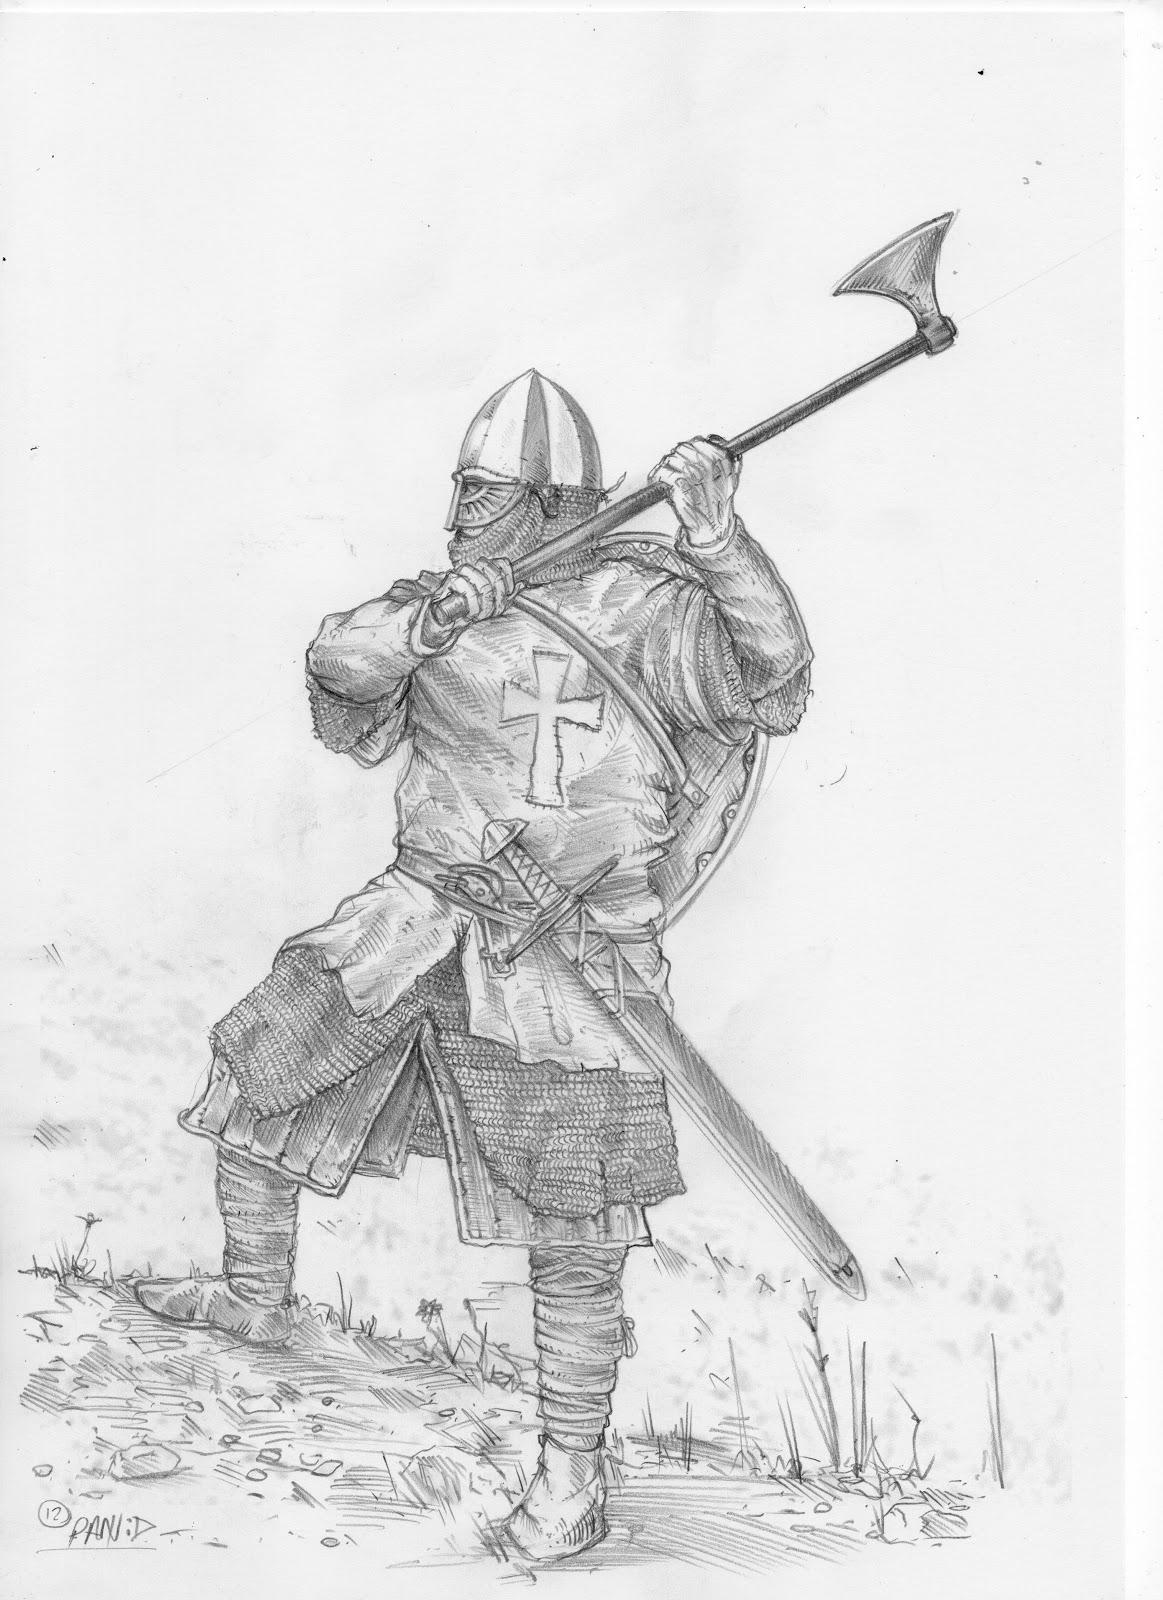 Knight studies